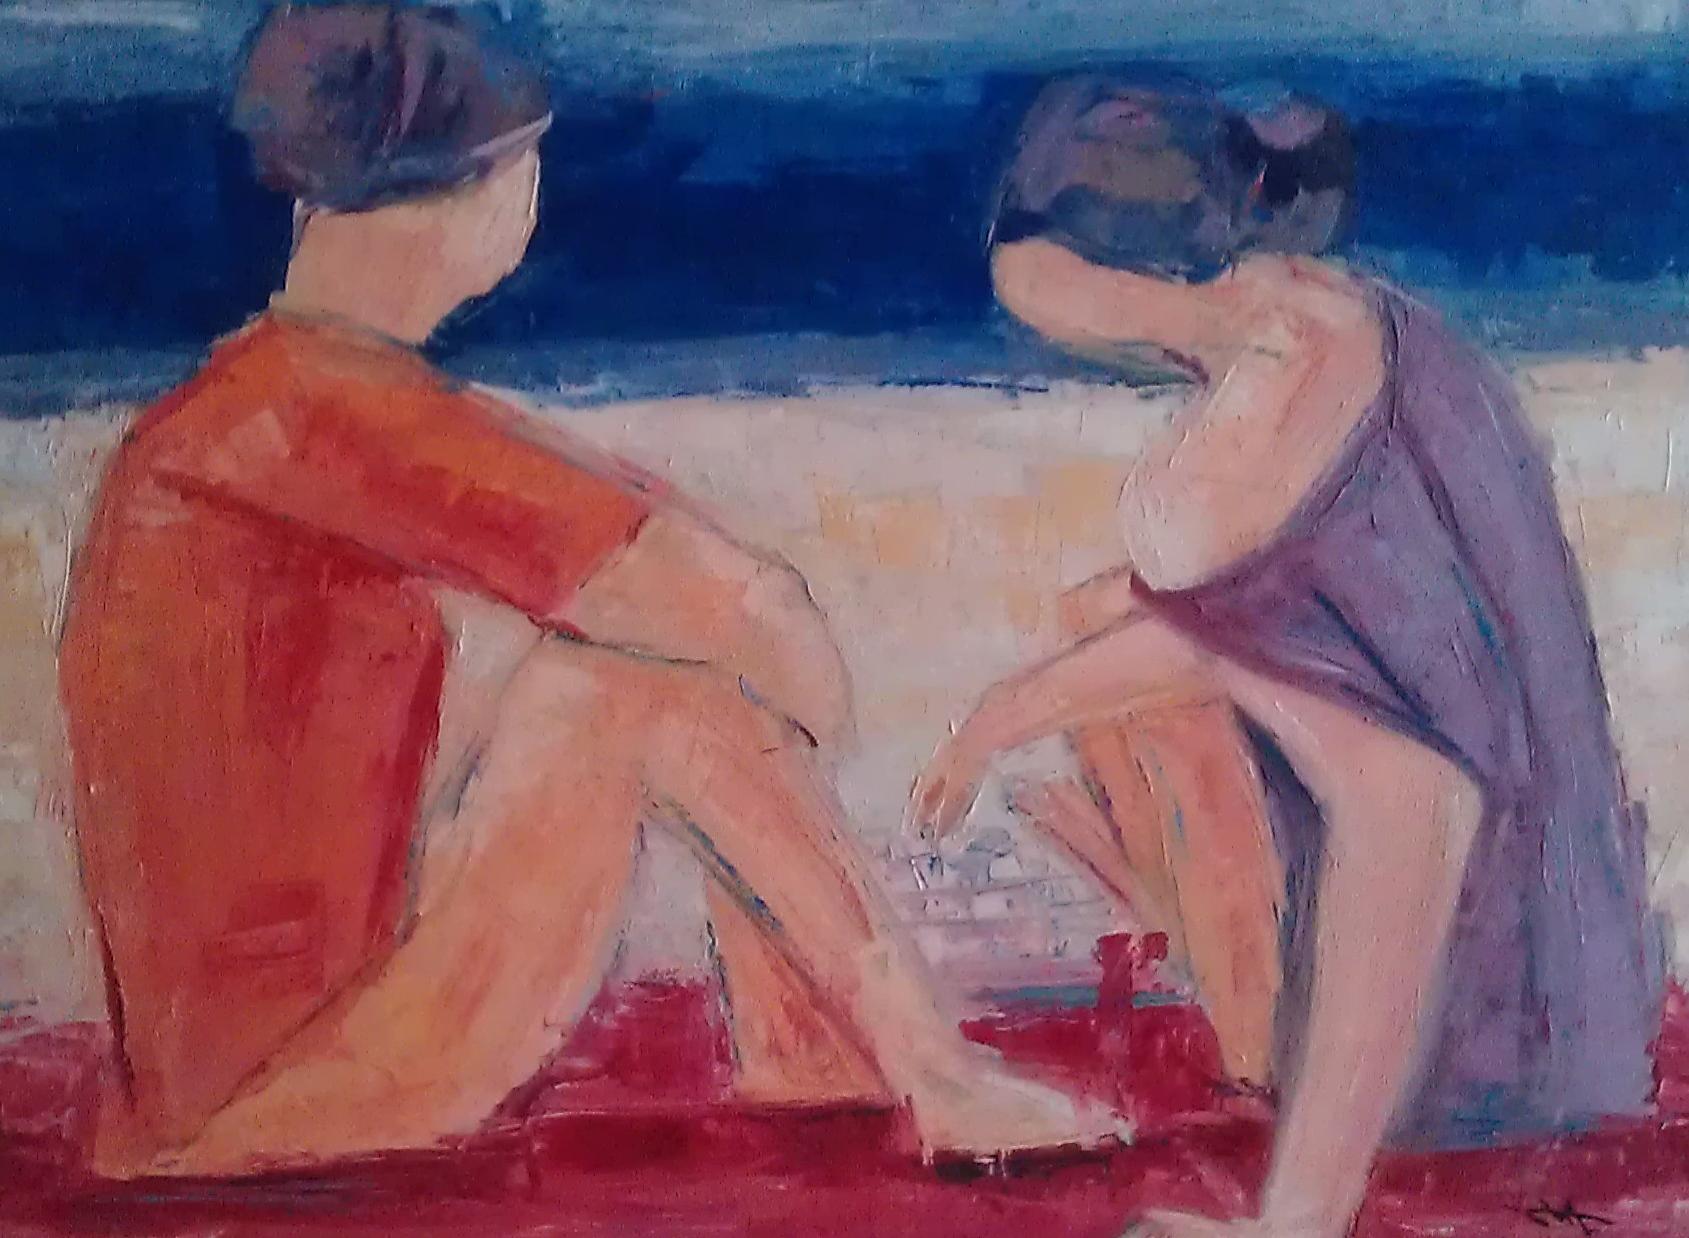 les-deux-baigneuses-jouant-sur-la-plage